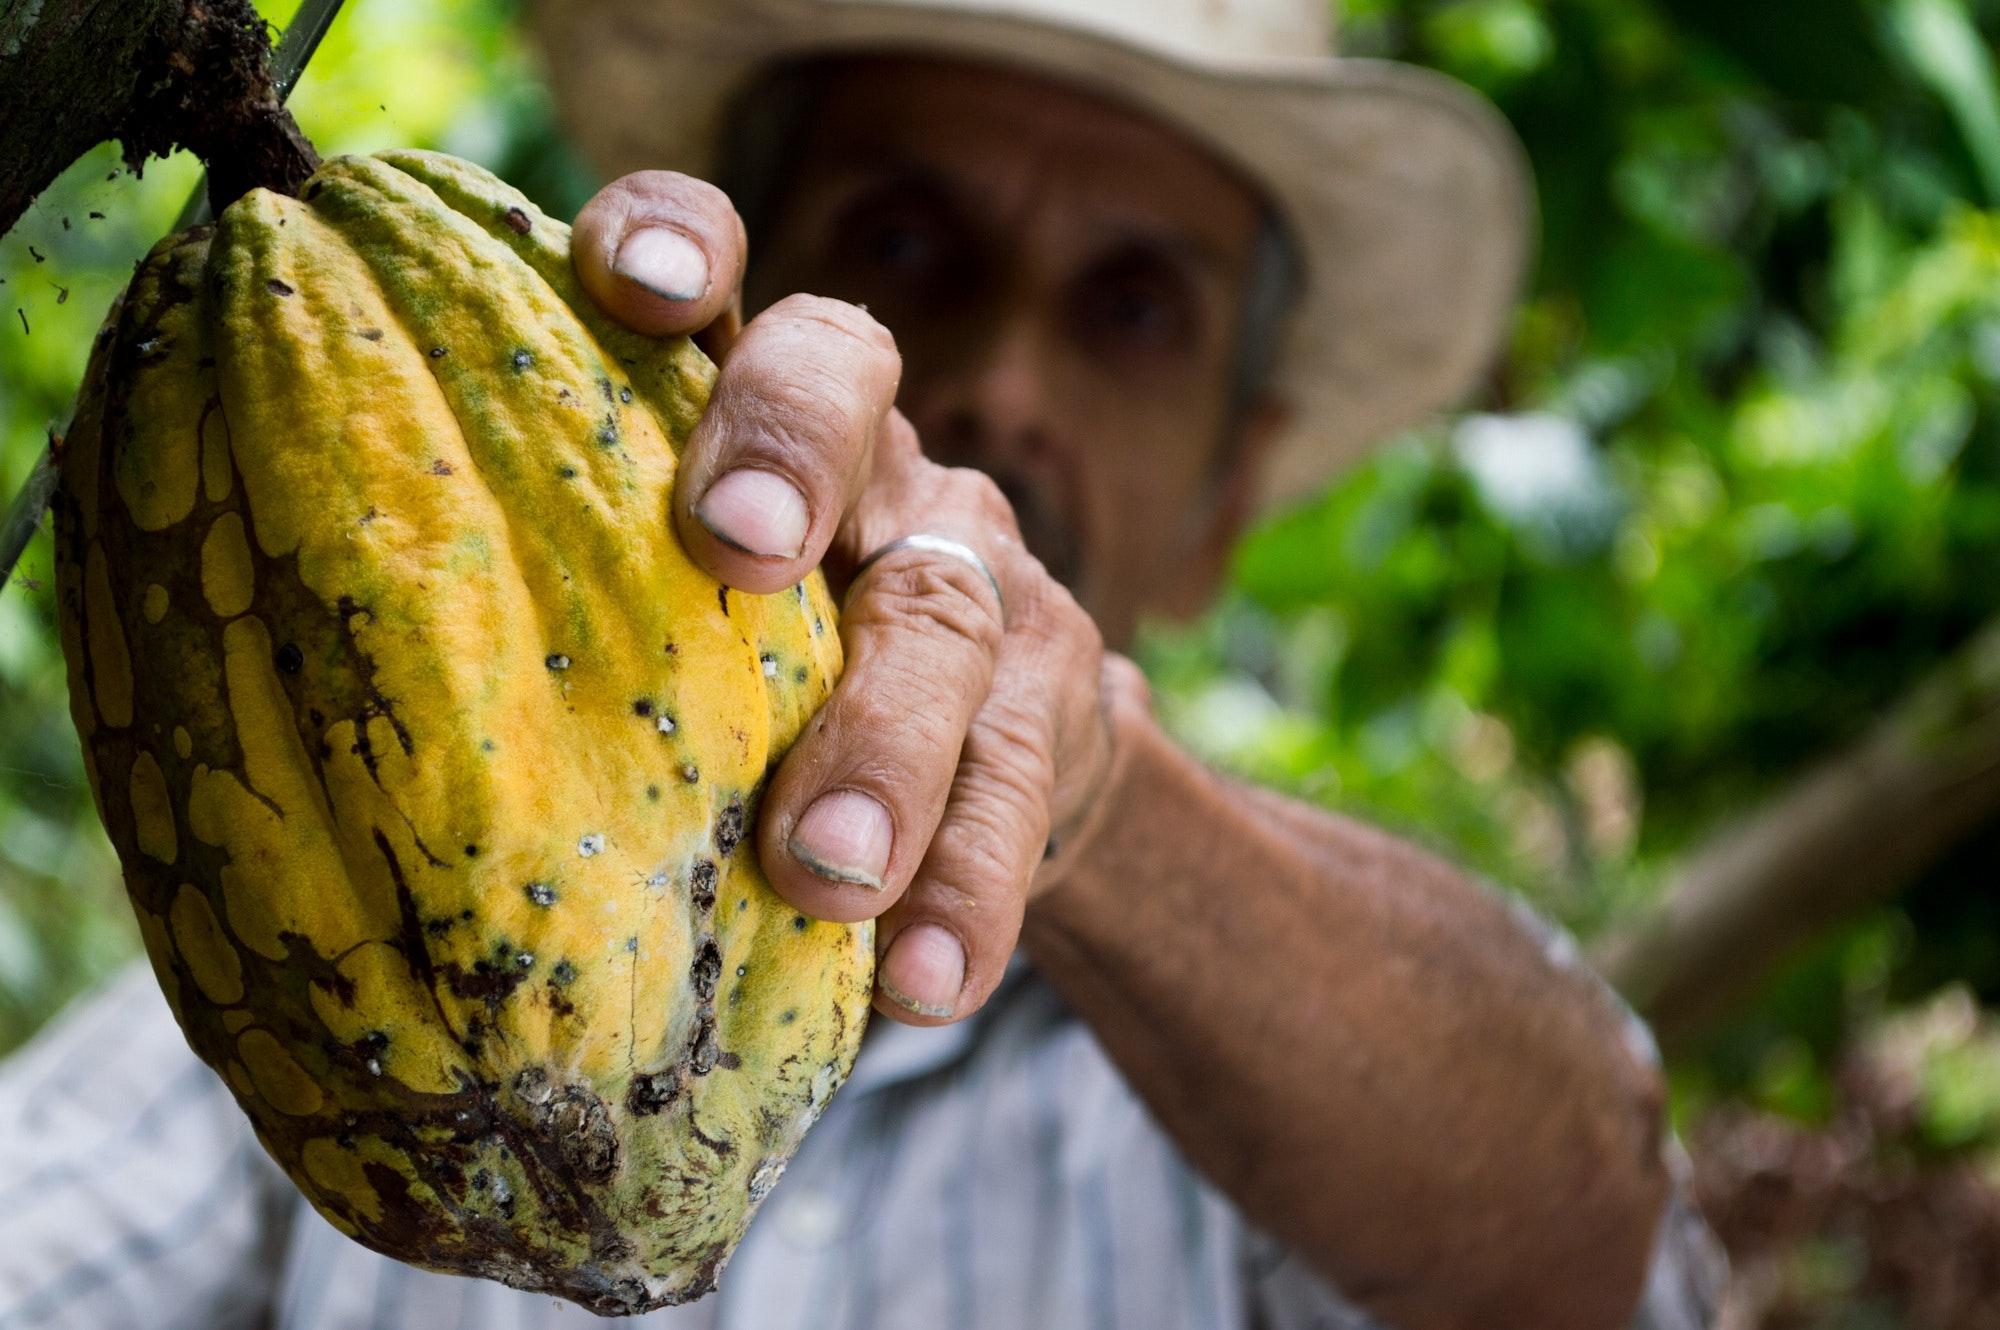 Il cioccolato Altromercato: dalla fava di cacao alle tavolette da gustare